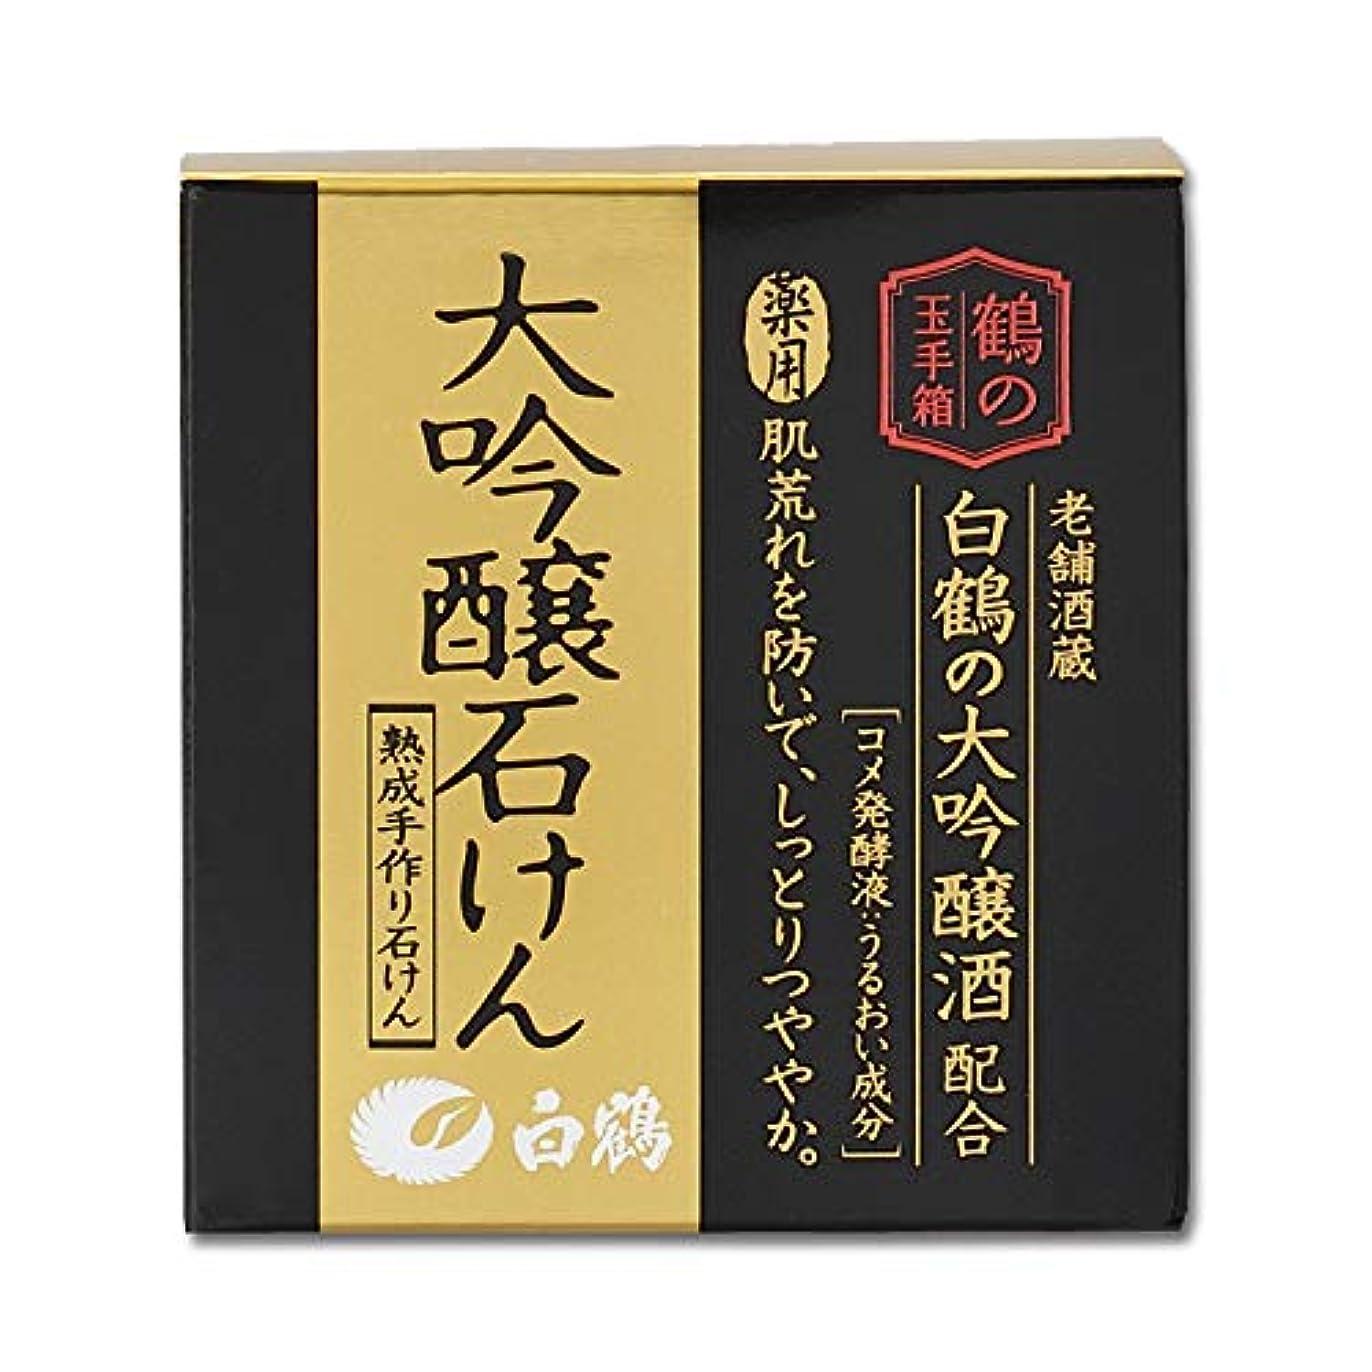 文法ブランチクレア白鶴 鶴の玉手箱 薬用 大吟醸石けん 100g (医薬部外品)